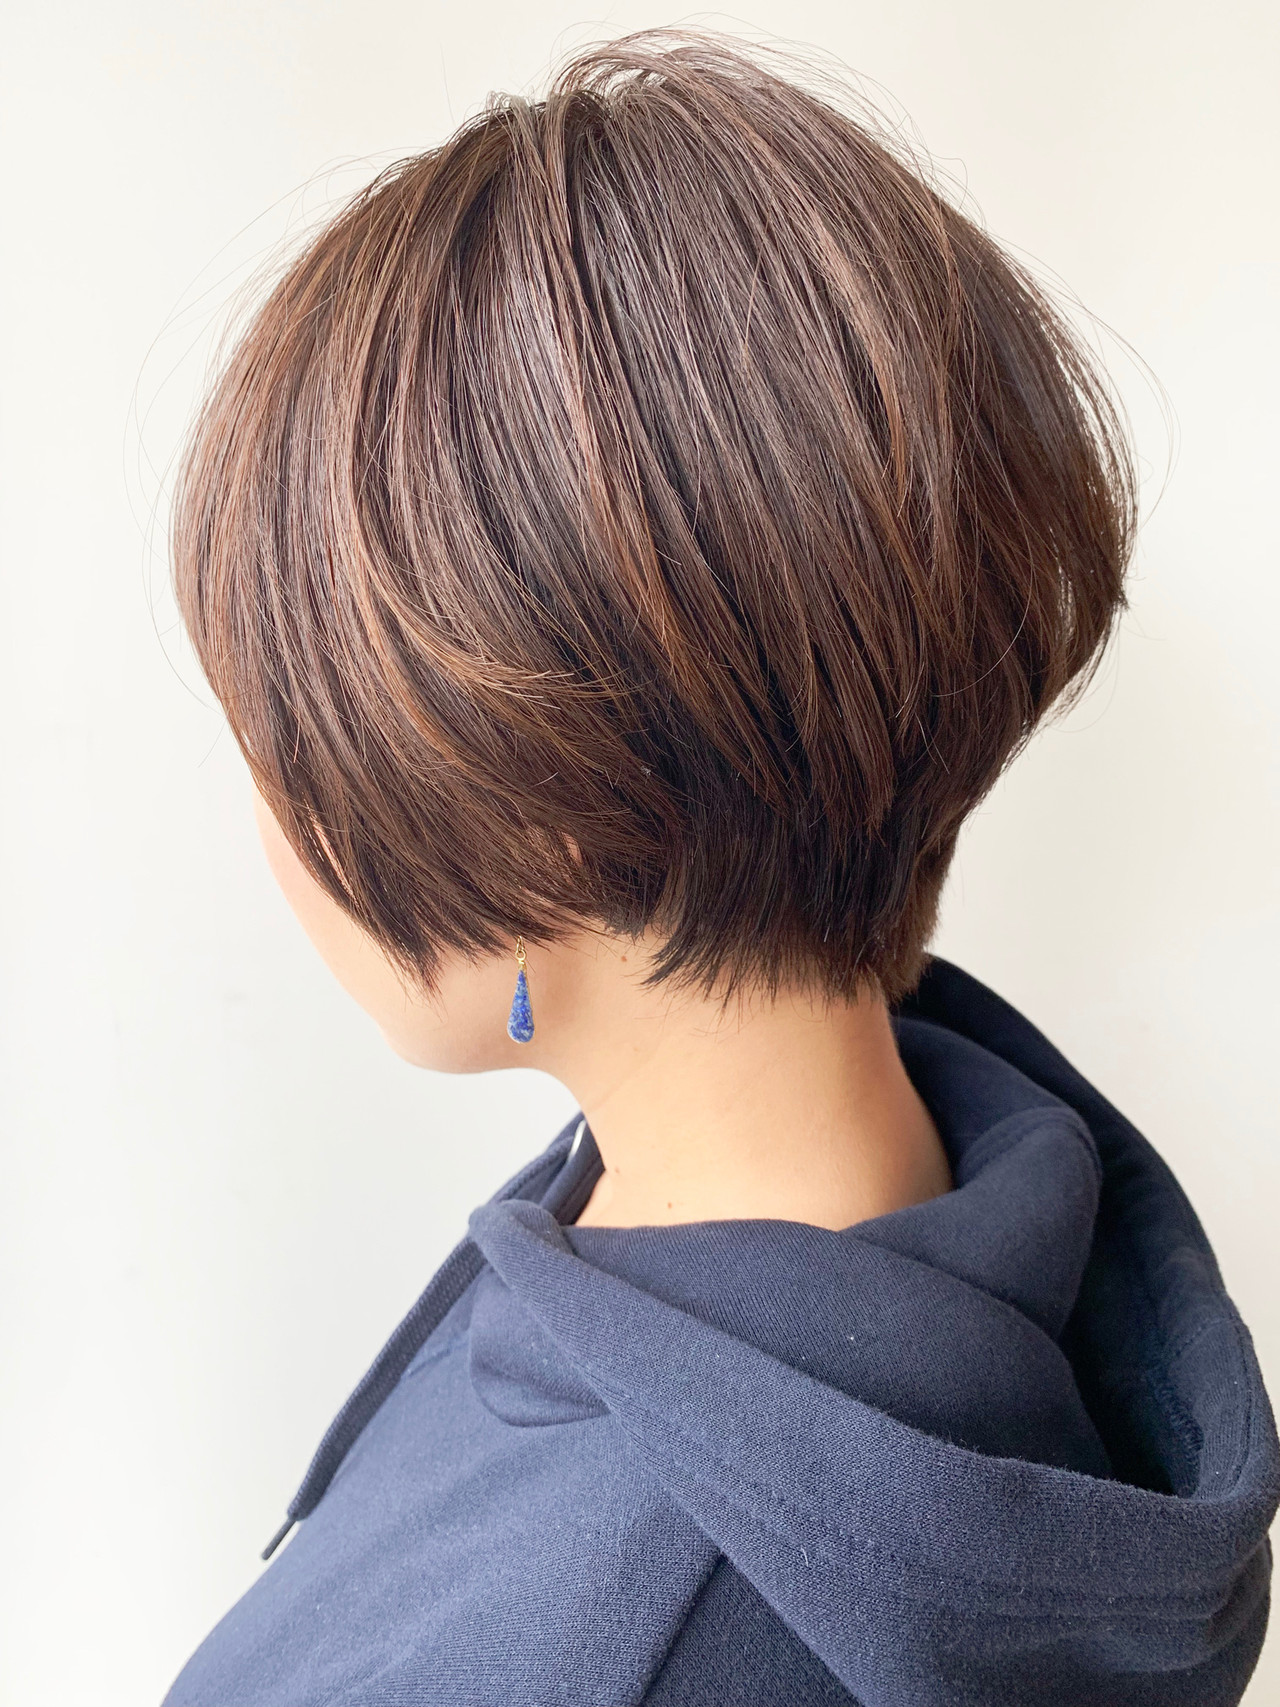 ショートヘア 丸みショート オフィス ショートボブ ヘアスタイルや髪型の写真・画像